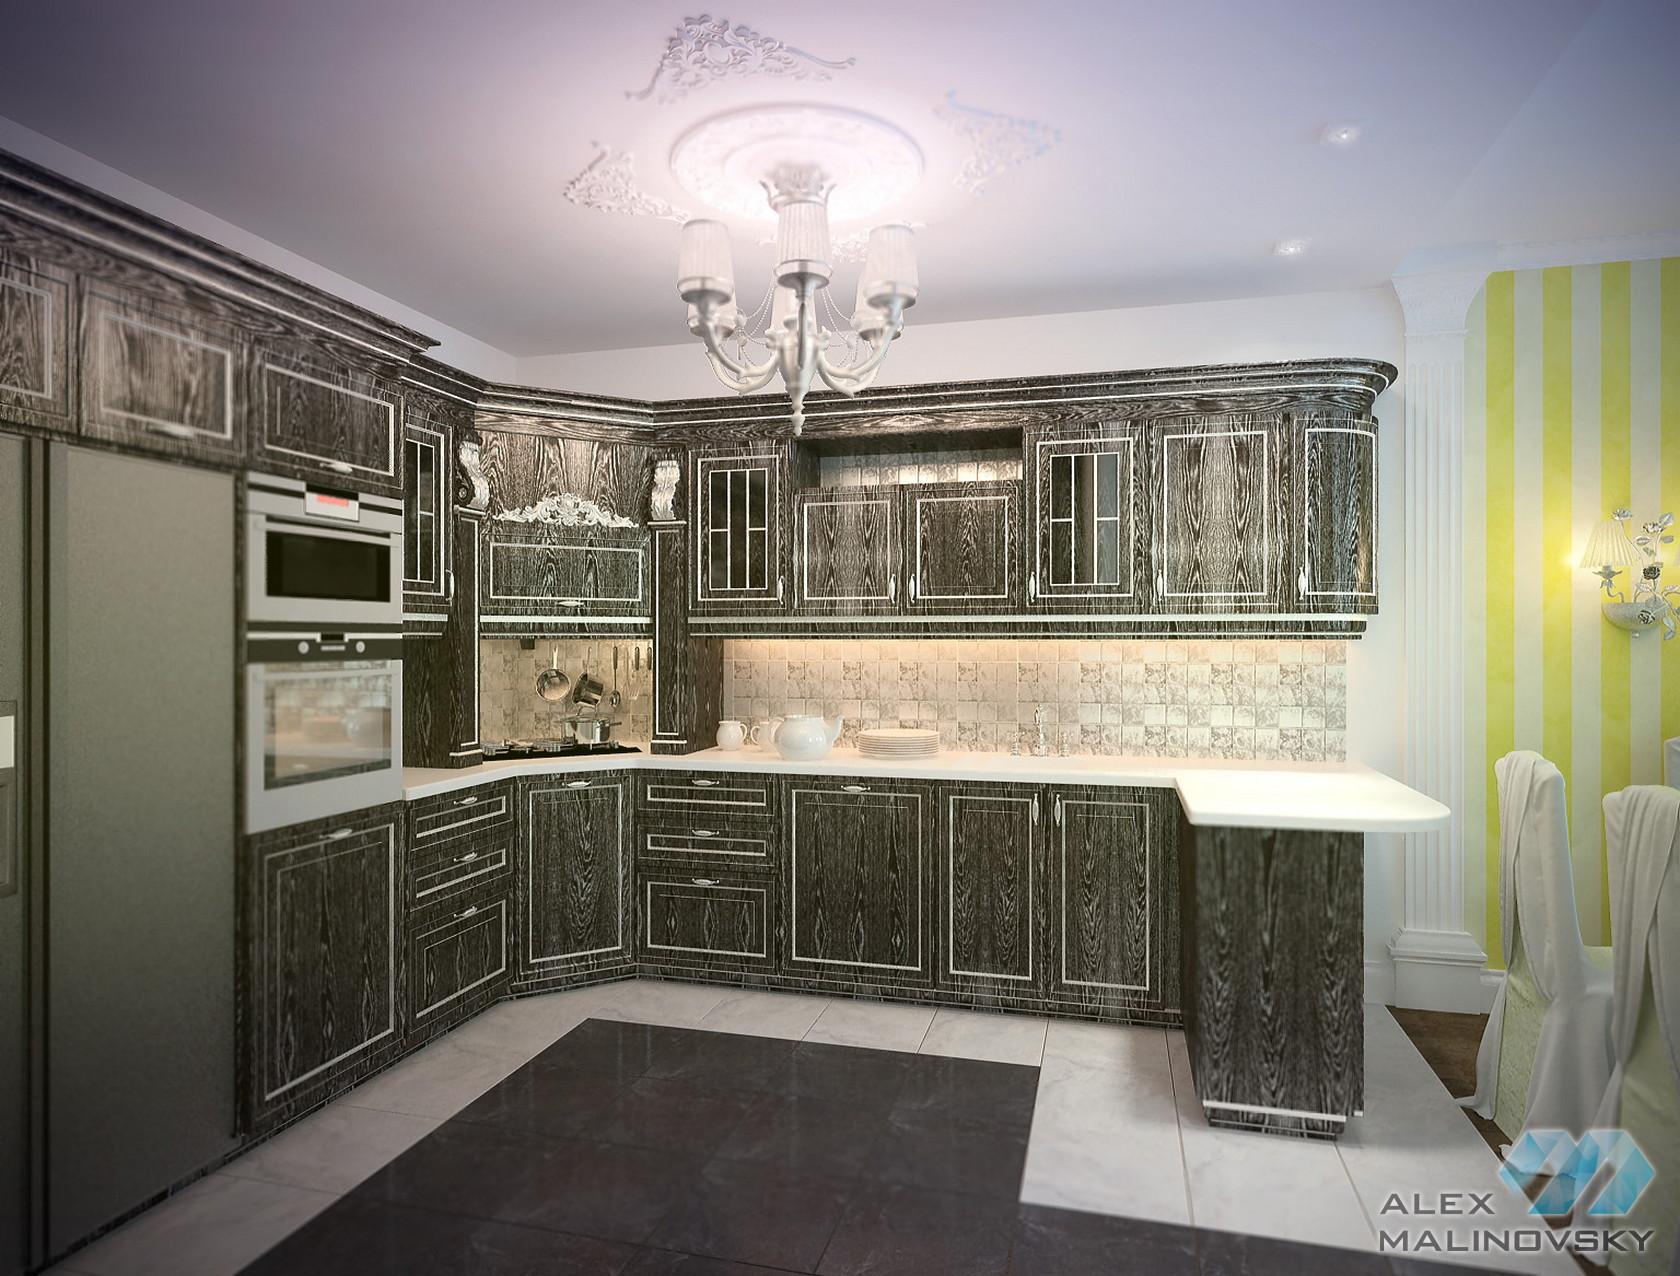 Кухня, 4х комнатная квартира, ЖК Парус, СПб